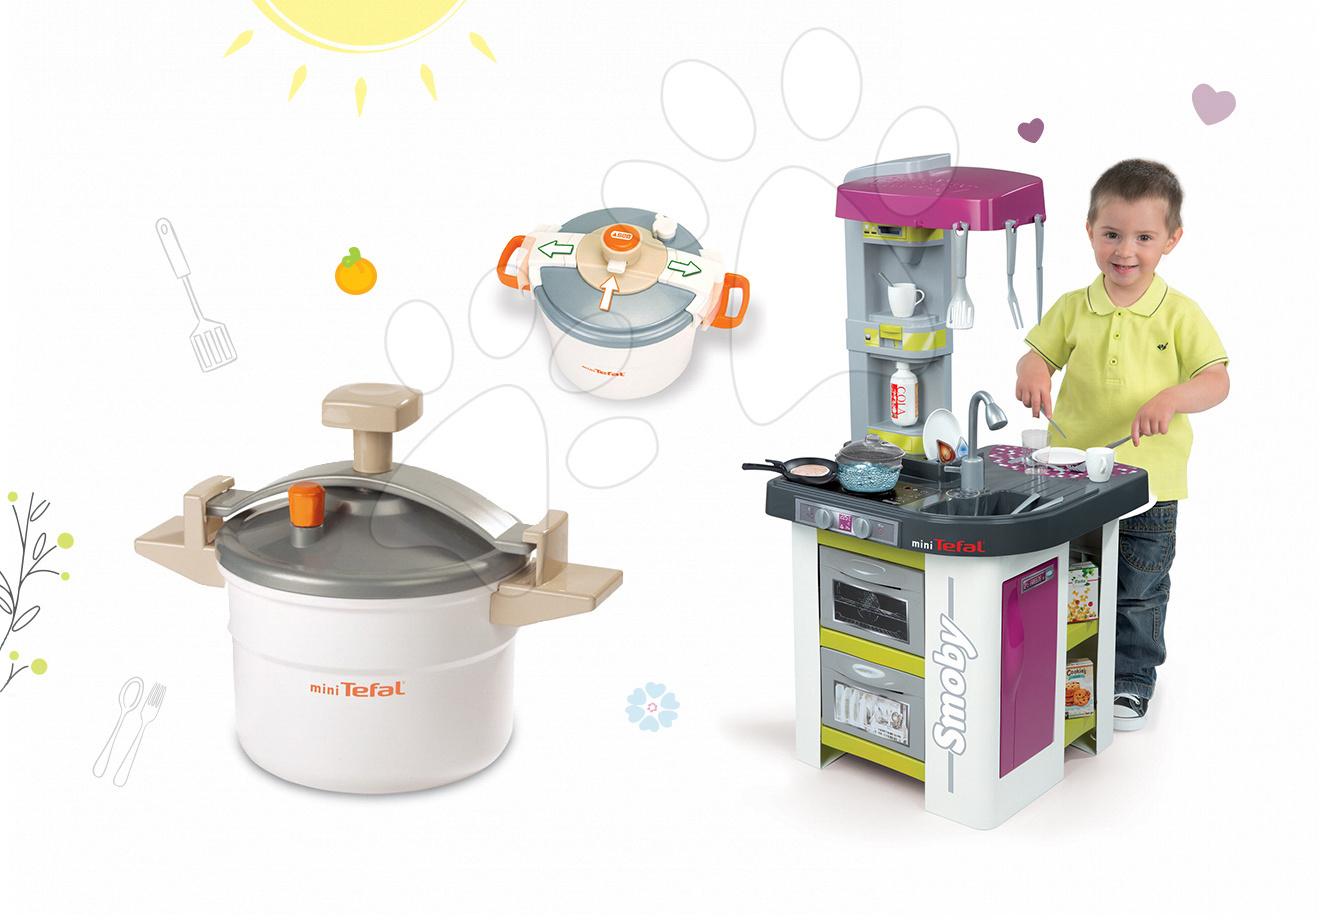 Set kuchyňka pro děti Tefal Studio BBQ Bublinky Smoby s magickým bubláním a tlakový hrnec Tefal